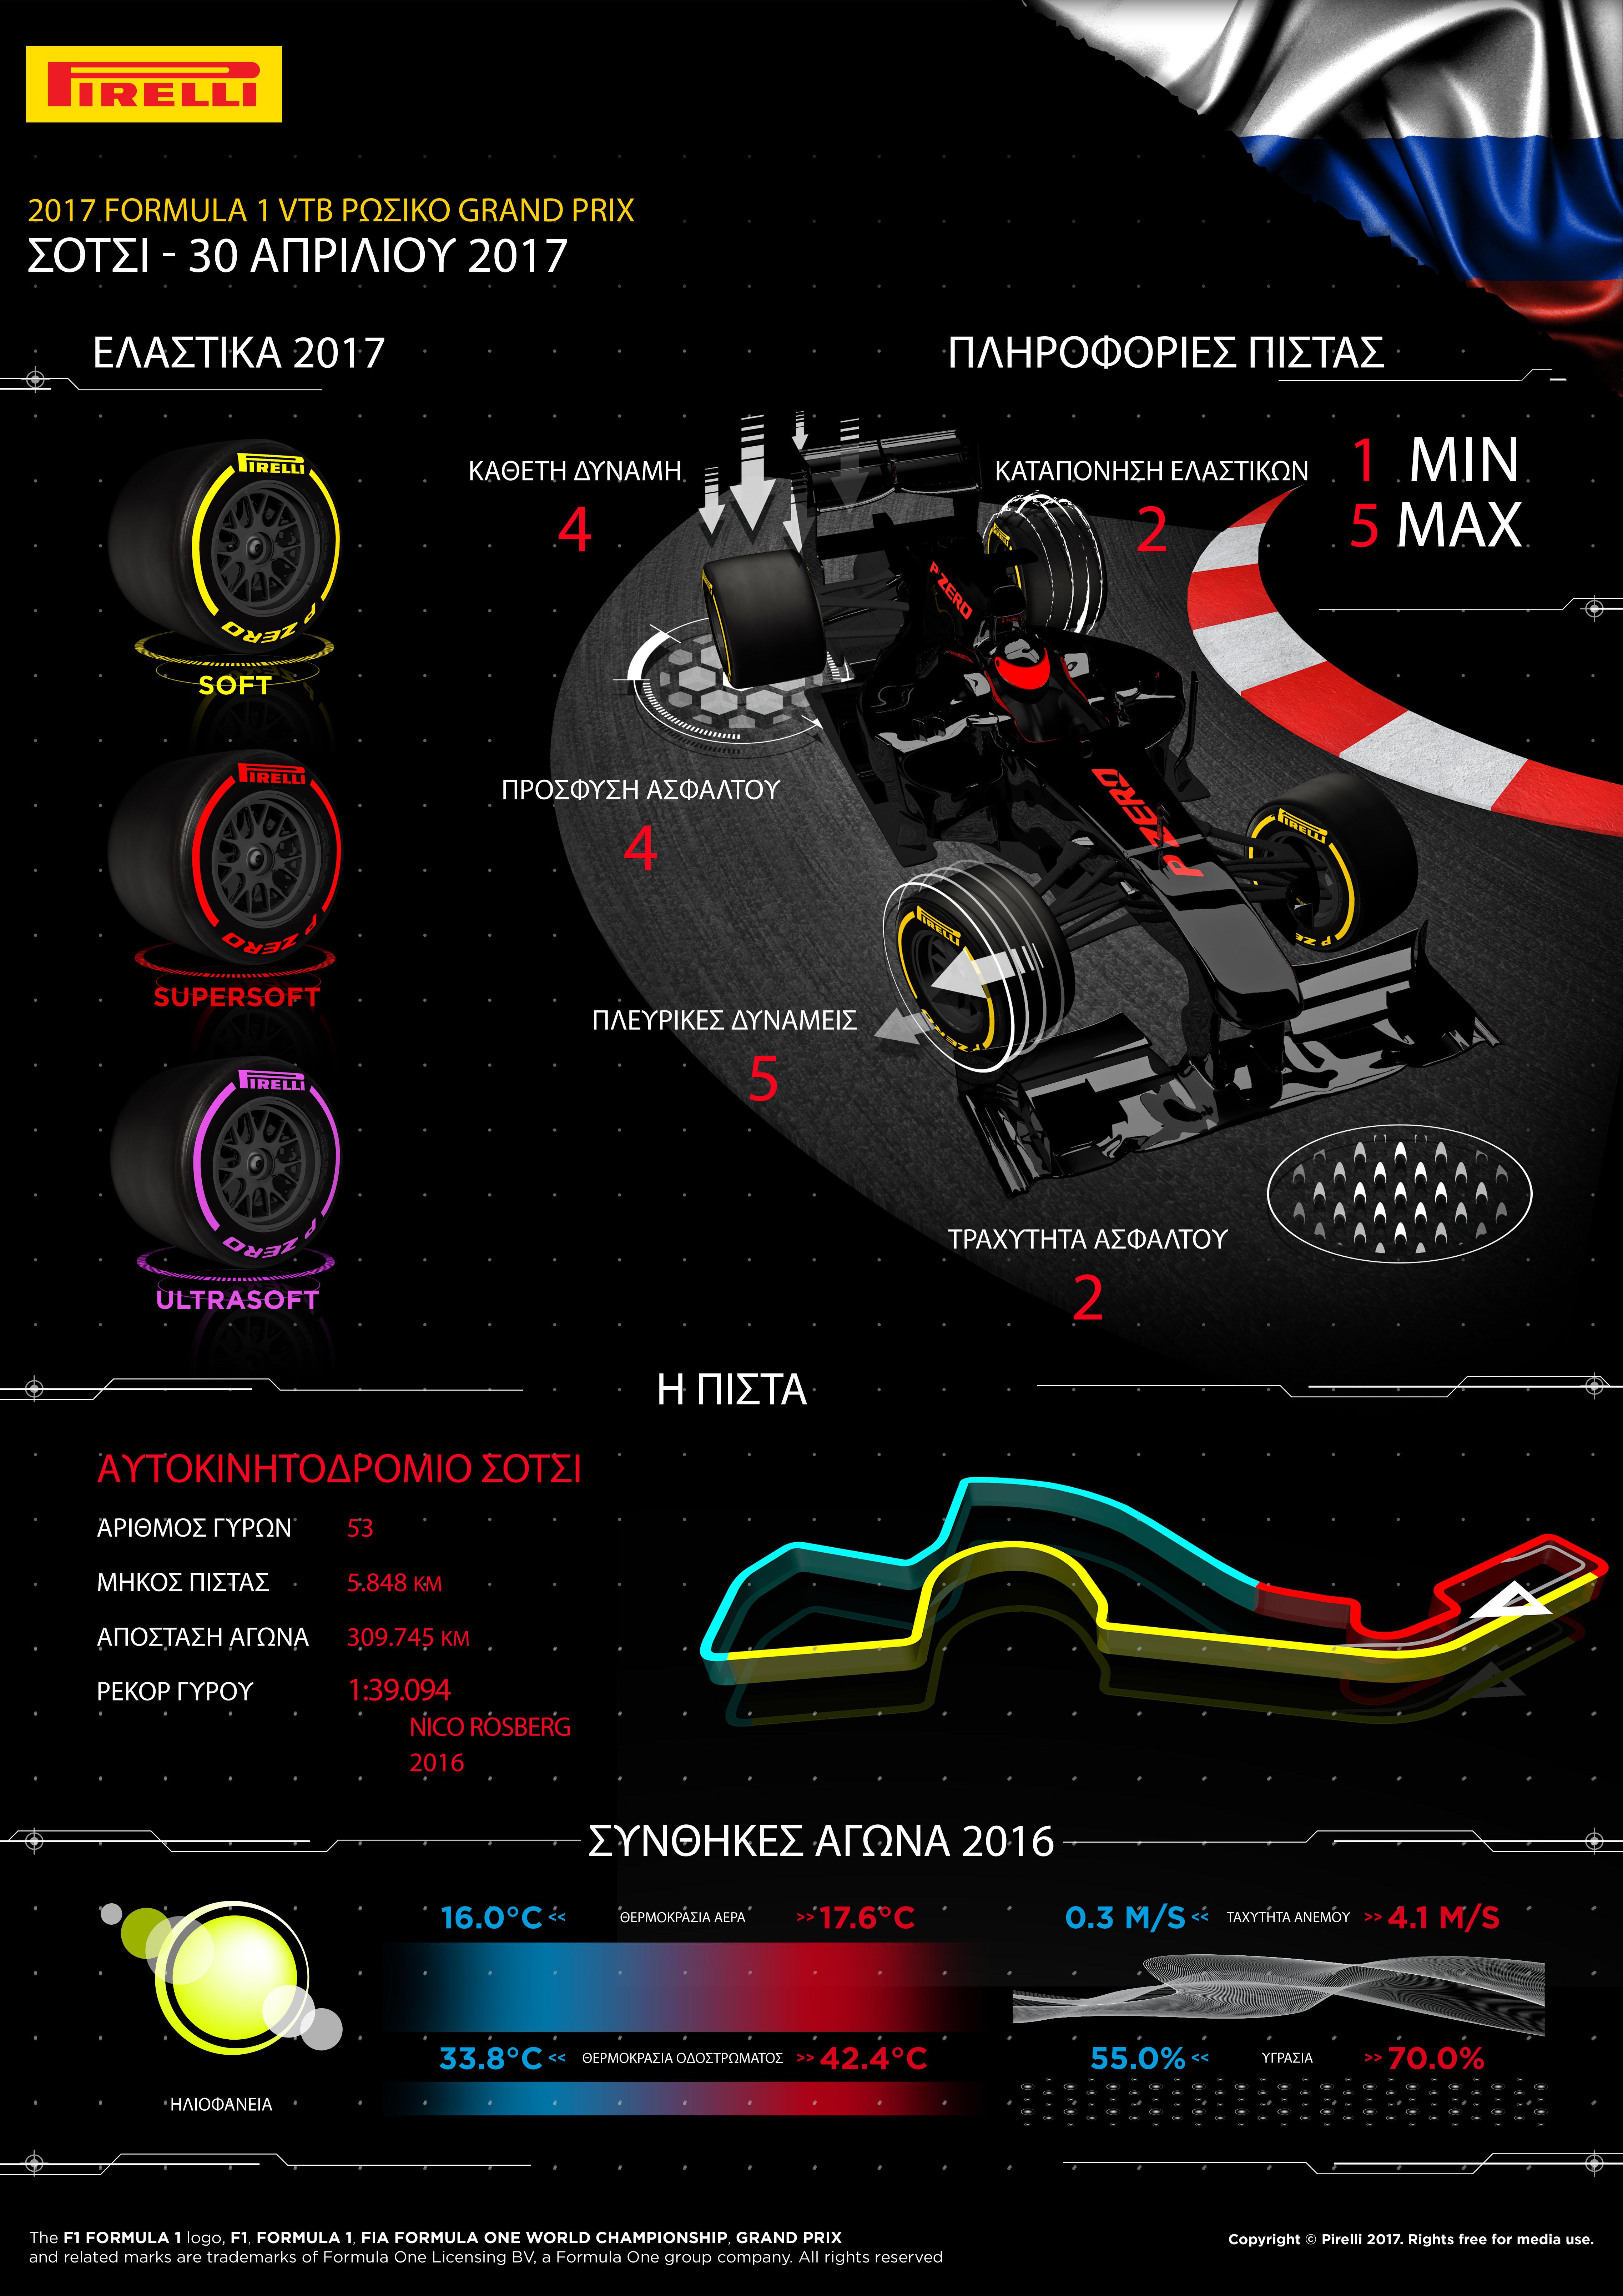 """Η Formula 1 έρχεται στην Ευρώπη με το Ρωσικό Grand Prix στο Σότσι, το οποίο μπήκε στο ημερολόγιο της F1 το 2014. Η επιφάνεια του οδοστρώματος είναι λεία και οι καιρικές συνθήκες αναμένονται ήπιες οπότε επελέγησαν οι τρεις πιο μαλακές γόμες. Είναι η πρώτη φορά που χρησιμοποιείται στη Ρωσία η πάρα πολύ μαλακή γόμα. Στο παρελθόν στο συγκεκριμένο αγώνα ο νικητής πάντοτε χρησιμοποιεί στρατηγική μιας αλλαγής ελαστικών. ΟΙ ΤΡΕΙΣ ΕΠΙΛΕΓΜΕΝΕΣ ΓΟΜΕΣ Η ΠΙΣΤΑ ΥΠΟ ΤΟ ΠΡΙΣΜΑ ΤΩΝ ΕΛΑΣΤΙΚΩΝ • Η πτώση στην απόδοση λόγω θερμικής καταπόνησης είναι από τις χαμηλότερες όλη τη χρονιά: Οι απαιτήσεις από τα ελαστικά είναι περιορισμένες. • Οι γενικά ήπιες καιρικές συνθήκες περιορίζουν την υπερθέρμανση των ελαστικών. • Οι στροφές 2 και 13 απαιτούν το μεγαλύτερο φρενάρισμα και υπάρχει ρίσκο παραμόρφωσης των ελαστικών. • Στο τρίτο κομμάτι της διαδρομής χρειάζεται πρόσφυση και φρένα: Σταμάτα – ξεκίνα όπως στο Άμπου Ντάμπι. • Η πίστα δε χρησιμοποιείται συχνά εκτός grand prix οπότε στην αρχή θα είναι πολύ «πράσινη» χωρίς γόμα στρωμένη κάτω. • Η πιο απαιτητική στροφή είναι η 3: Μια παρατεταμένη αριστερή που θυμίζει τη στροφή 8 στην Κωνσταντινούπολη. • Το εμπρός δεξιά ελαστικό καταπονείται περισσότερο. . MARIO ISOLA – ΕΠΙΚΕΦΑΛΗΣ ΑΓΩΝΩΝ ΑΥΤΟΚΙΝΗΤΟΥ """"Ο αγώνας έρχεται μετά από δυο μέρες δοκιμών εξέλιξης στο Μπαχρέιν οπότε θα έχει ενδιαφέρον να δούμε πως θα μετατραπεί ότι έμαθαν οι ομάδες εκεί, σε απόδοση πίστας και διαχείριση ελαστικών στη Ρωσία. Δεδομένου ότι το Σότσι γενικώς φθείρει λίγο τα ελαστικά και τα φετινά αντέχουν περισσότερο, είναι σχετικά σίγουρο πως θα έχουμε στρατηγική μιας αλλαγής. Είναι η πρώτη φορά που παρέχουμε την πάρα πολύ μαλακή γόμα στο συγκεκριμένο αγώνα οπότε μένει να δούμε τι επίδραση θα έχει αυτό σε συνδυασμό με την νέα γενιά μονοθεσίων. Η διαφορά απόδοσης ανάμεσα στις δυο πιο μαλακές γόμες είναι σχετικά μικρή οπότε λογικά θα δούμε να χρησιμοποιούνται στον αγώνα και οι τρεις τύποι ελαστικών». ΤΙ ΕΙΝΑΙ ΝΕΟ? • Η πάρα πολύ μαλακή γόμα χρησιμοποιείται στη Ρωσία για πρώτη φορά: Τα"""